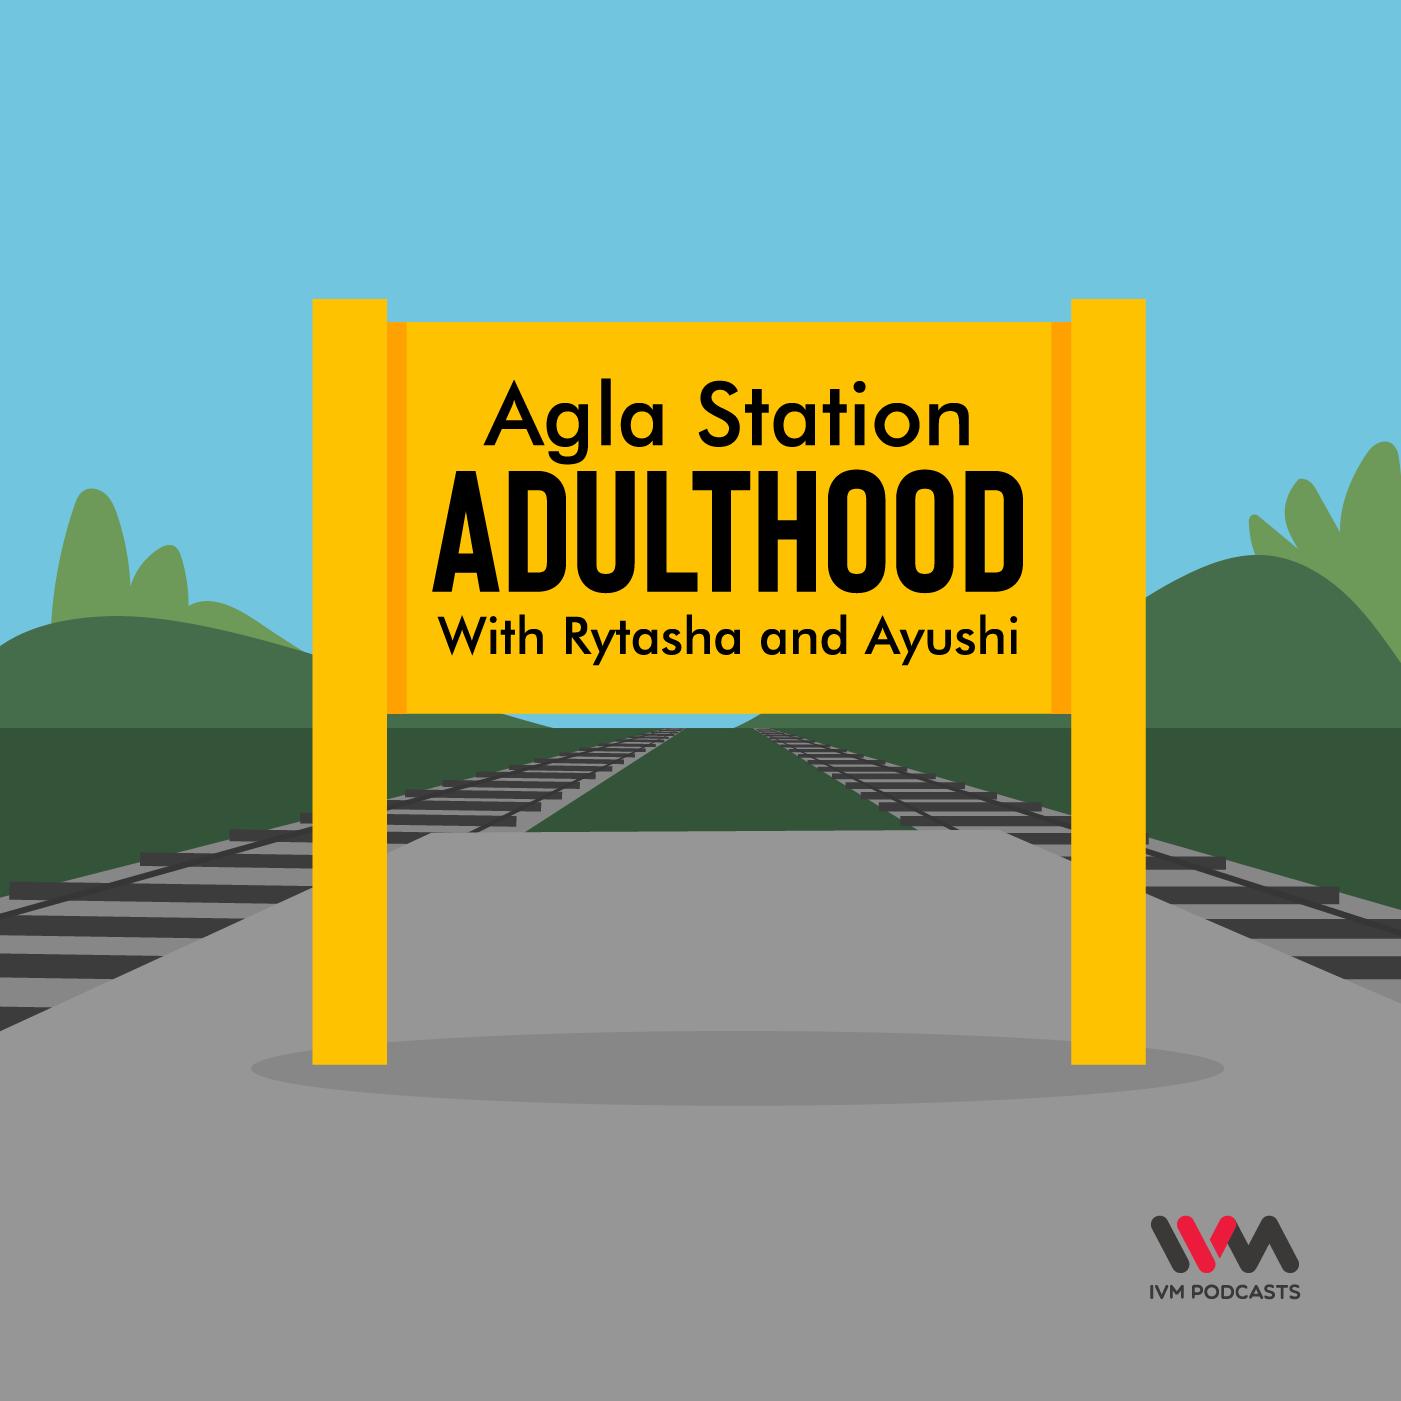 Agla Station Adulthood |